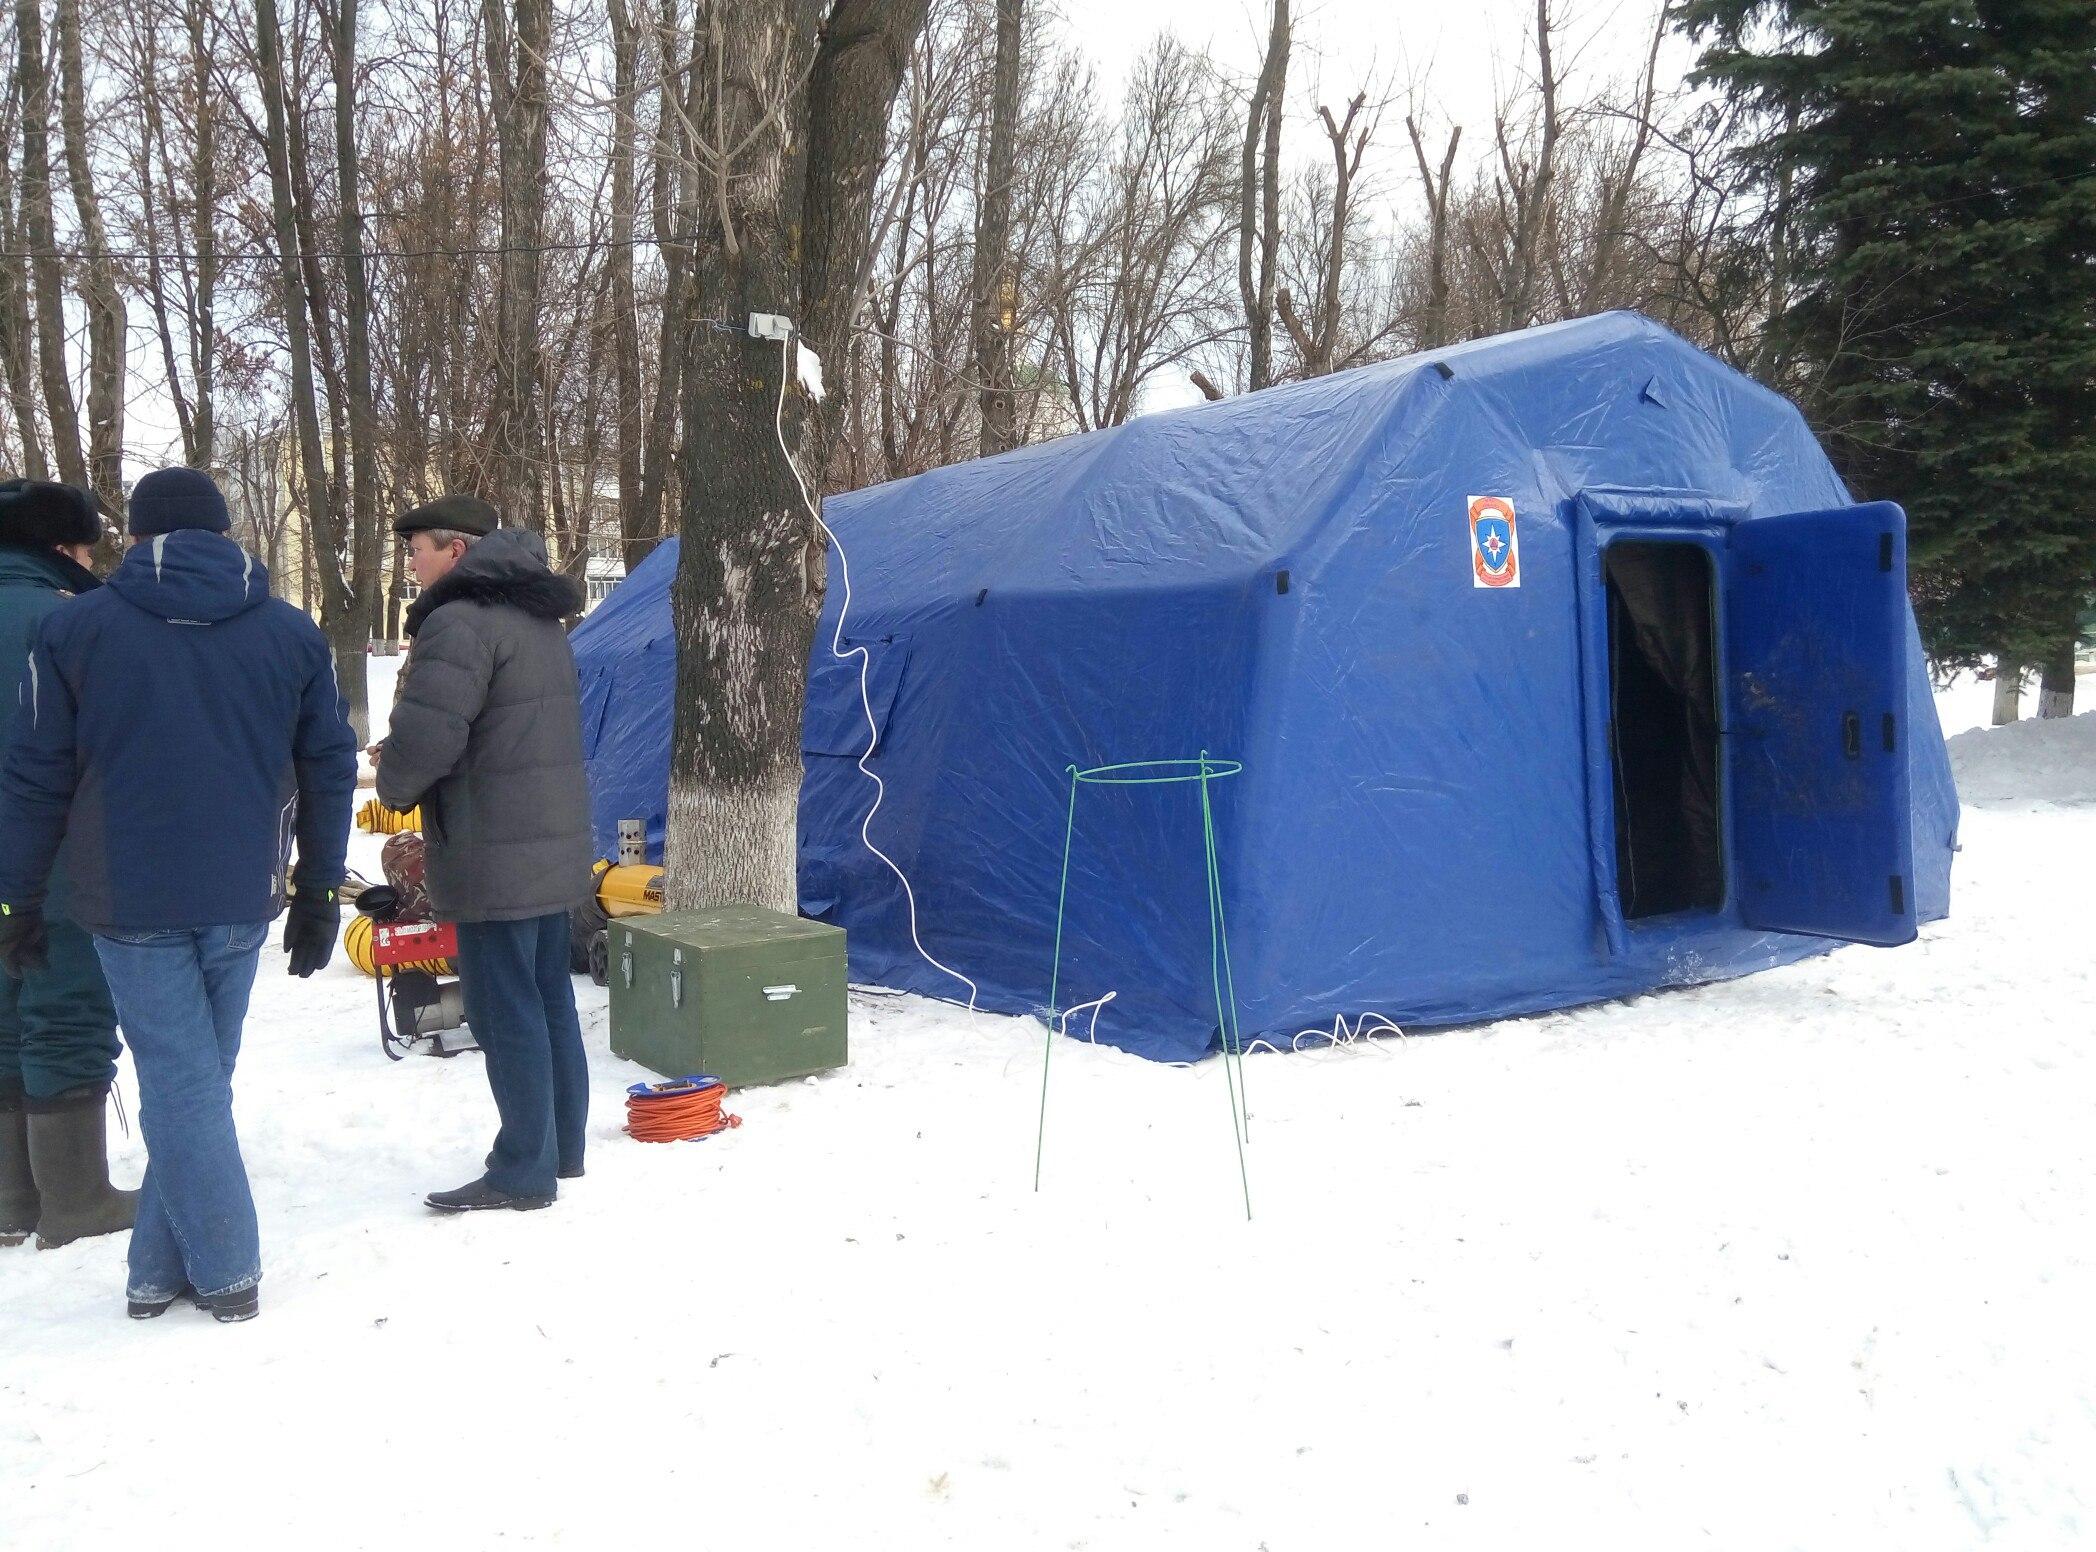 У крещенской купели в Твери оборудуют палатки для обогрева